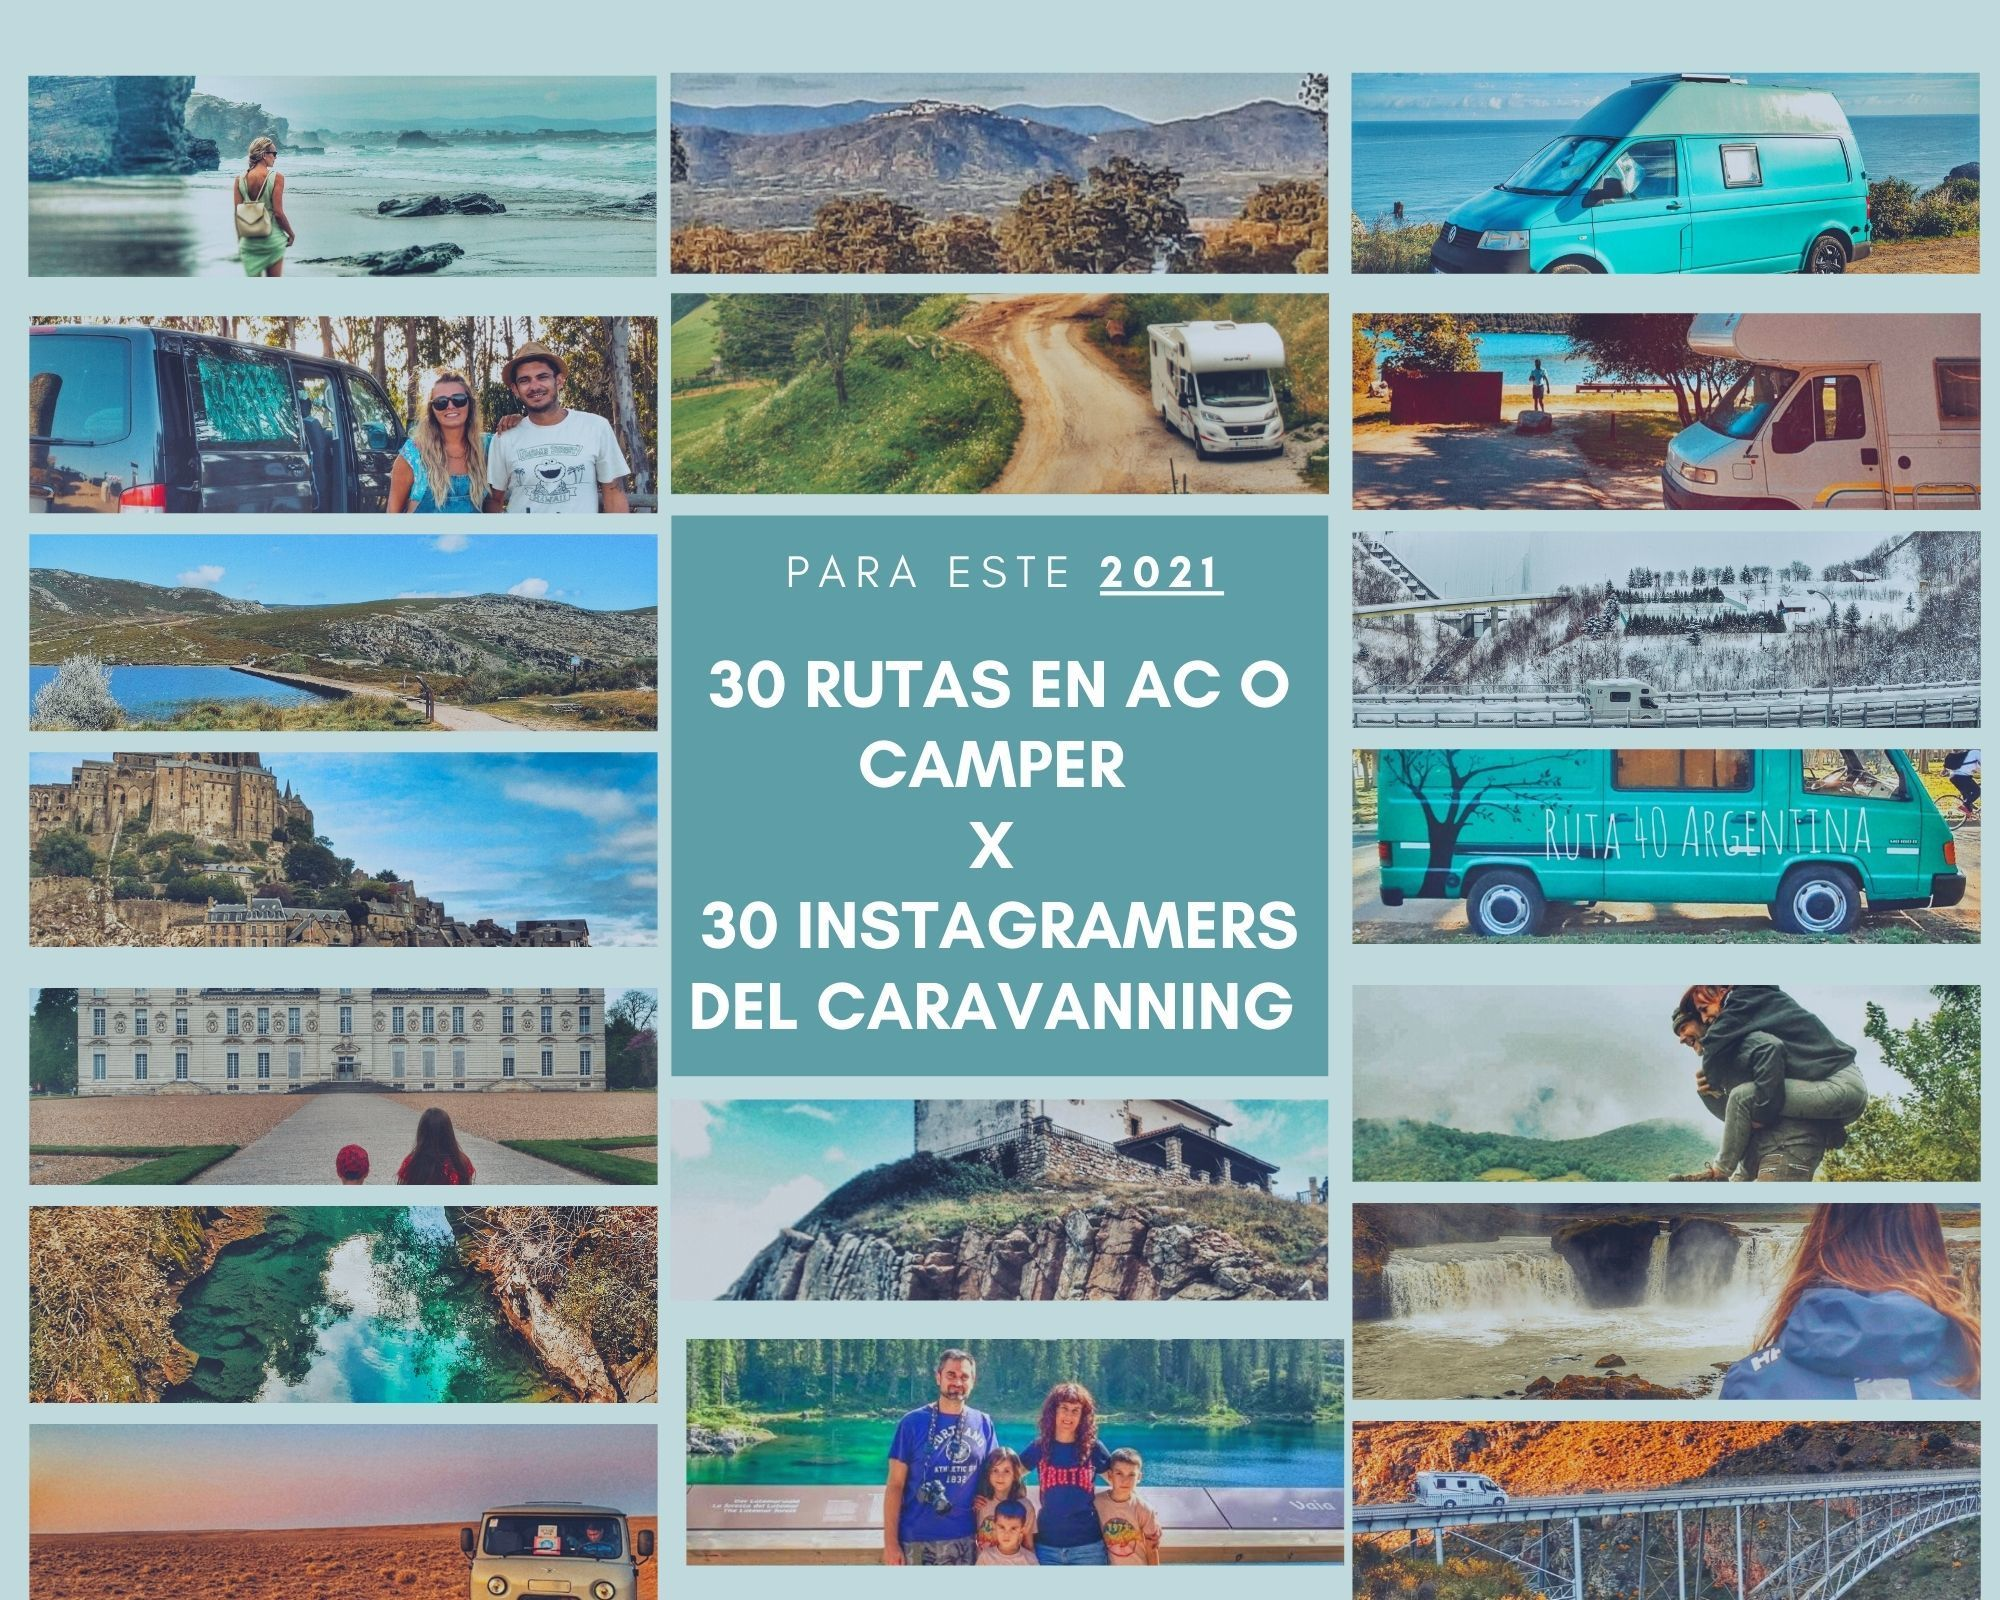 Más de 30 rutas en autocaravana o camper para hacer este 2021 por más de 30 Top Instagramers del caravanning